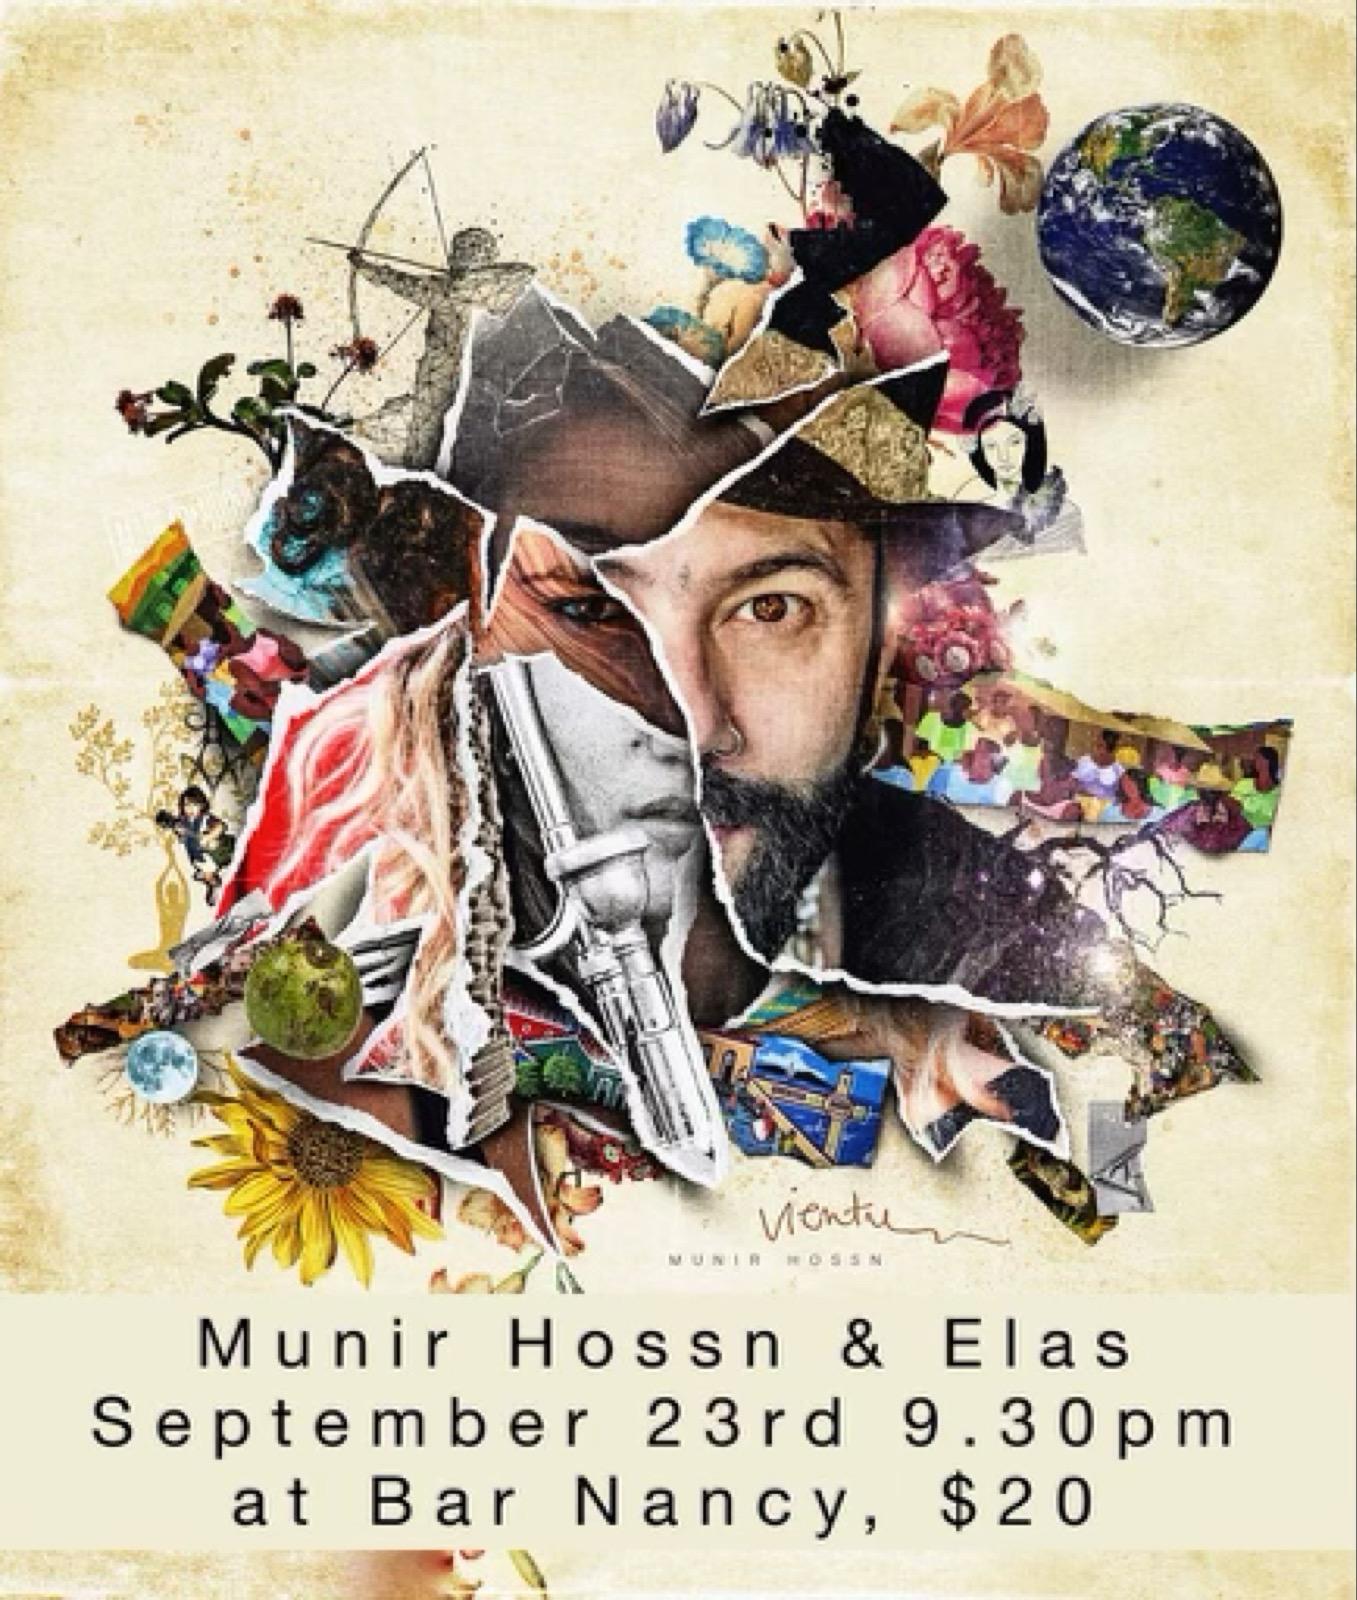 Munir Hossn & Elas at Bar Nancy Sep 23 at 9:30pm $20